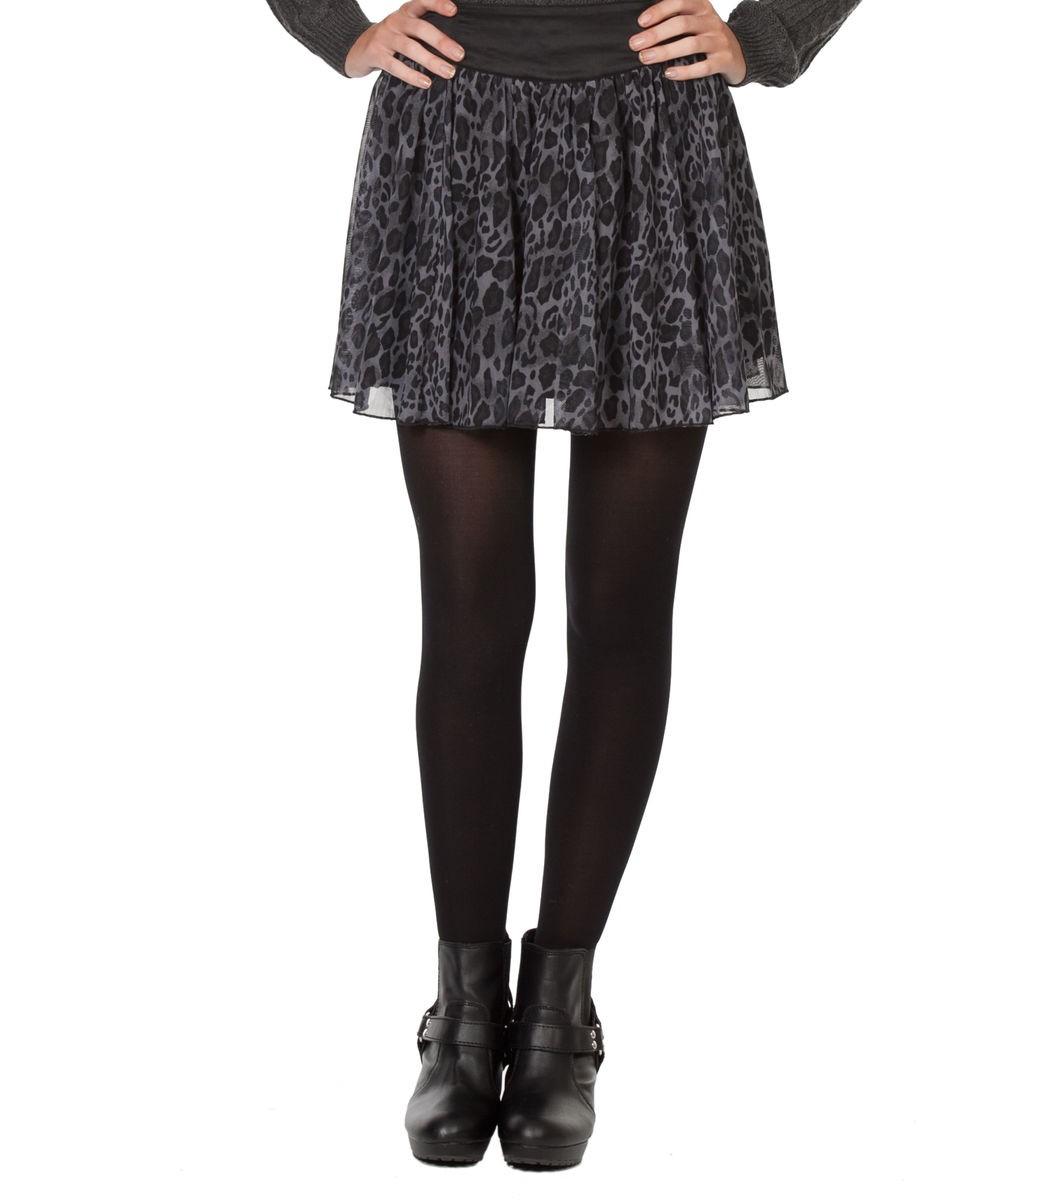 Leo Netting Skirt